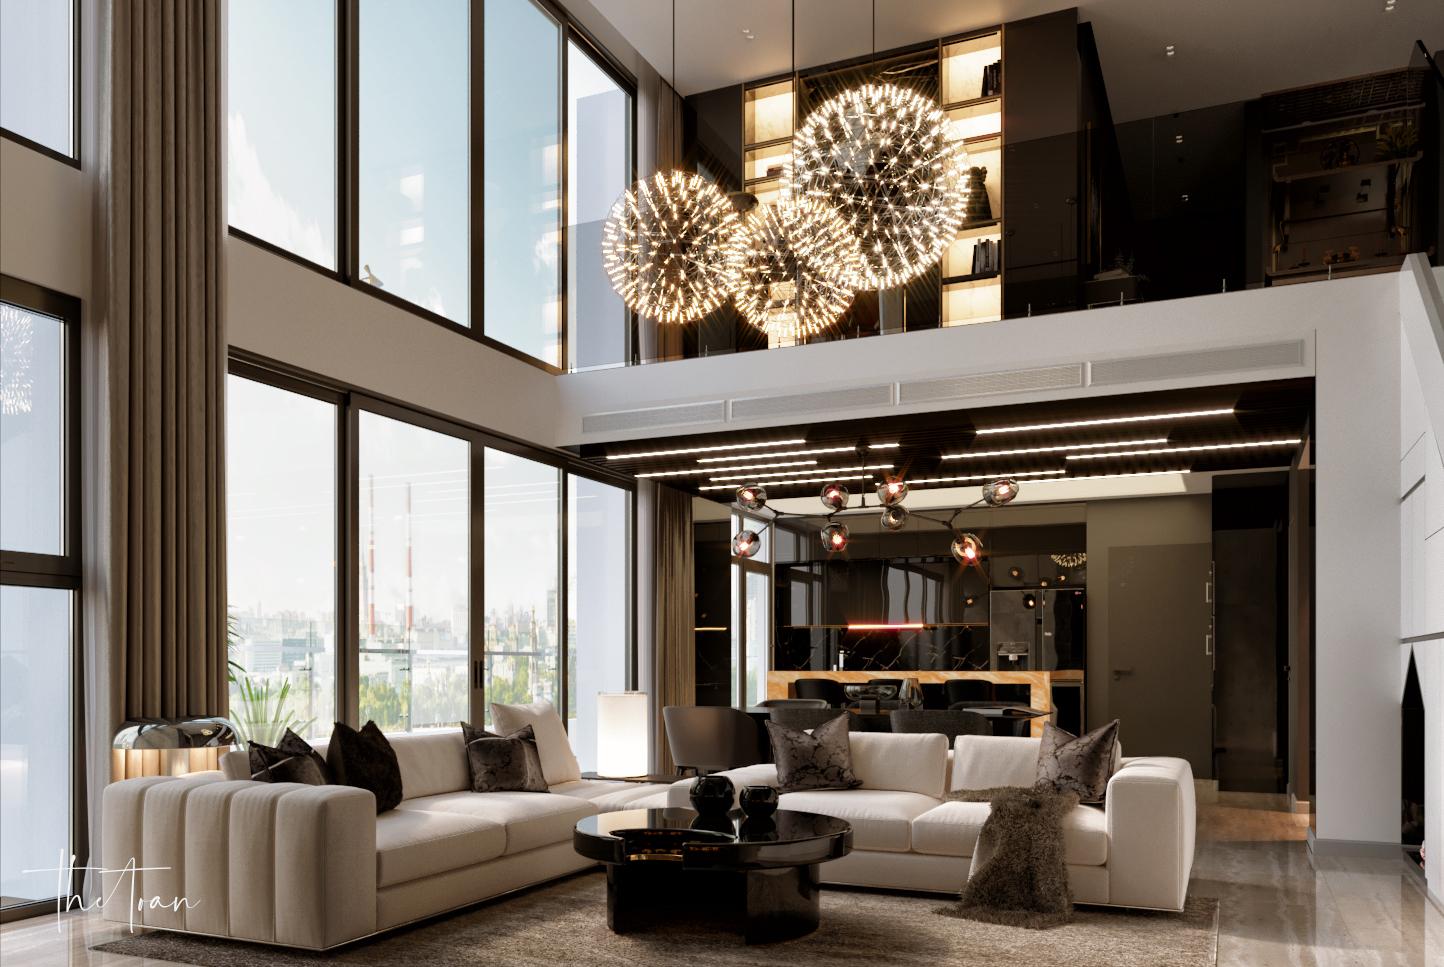 thiết kế nội thất chung cư tại Hồ Chí Minh La Astoria 2 - Penthouse 4 1564743941